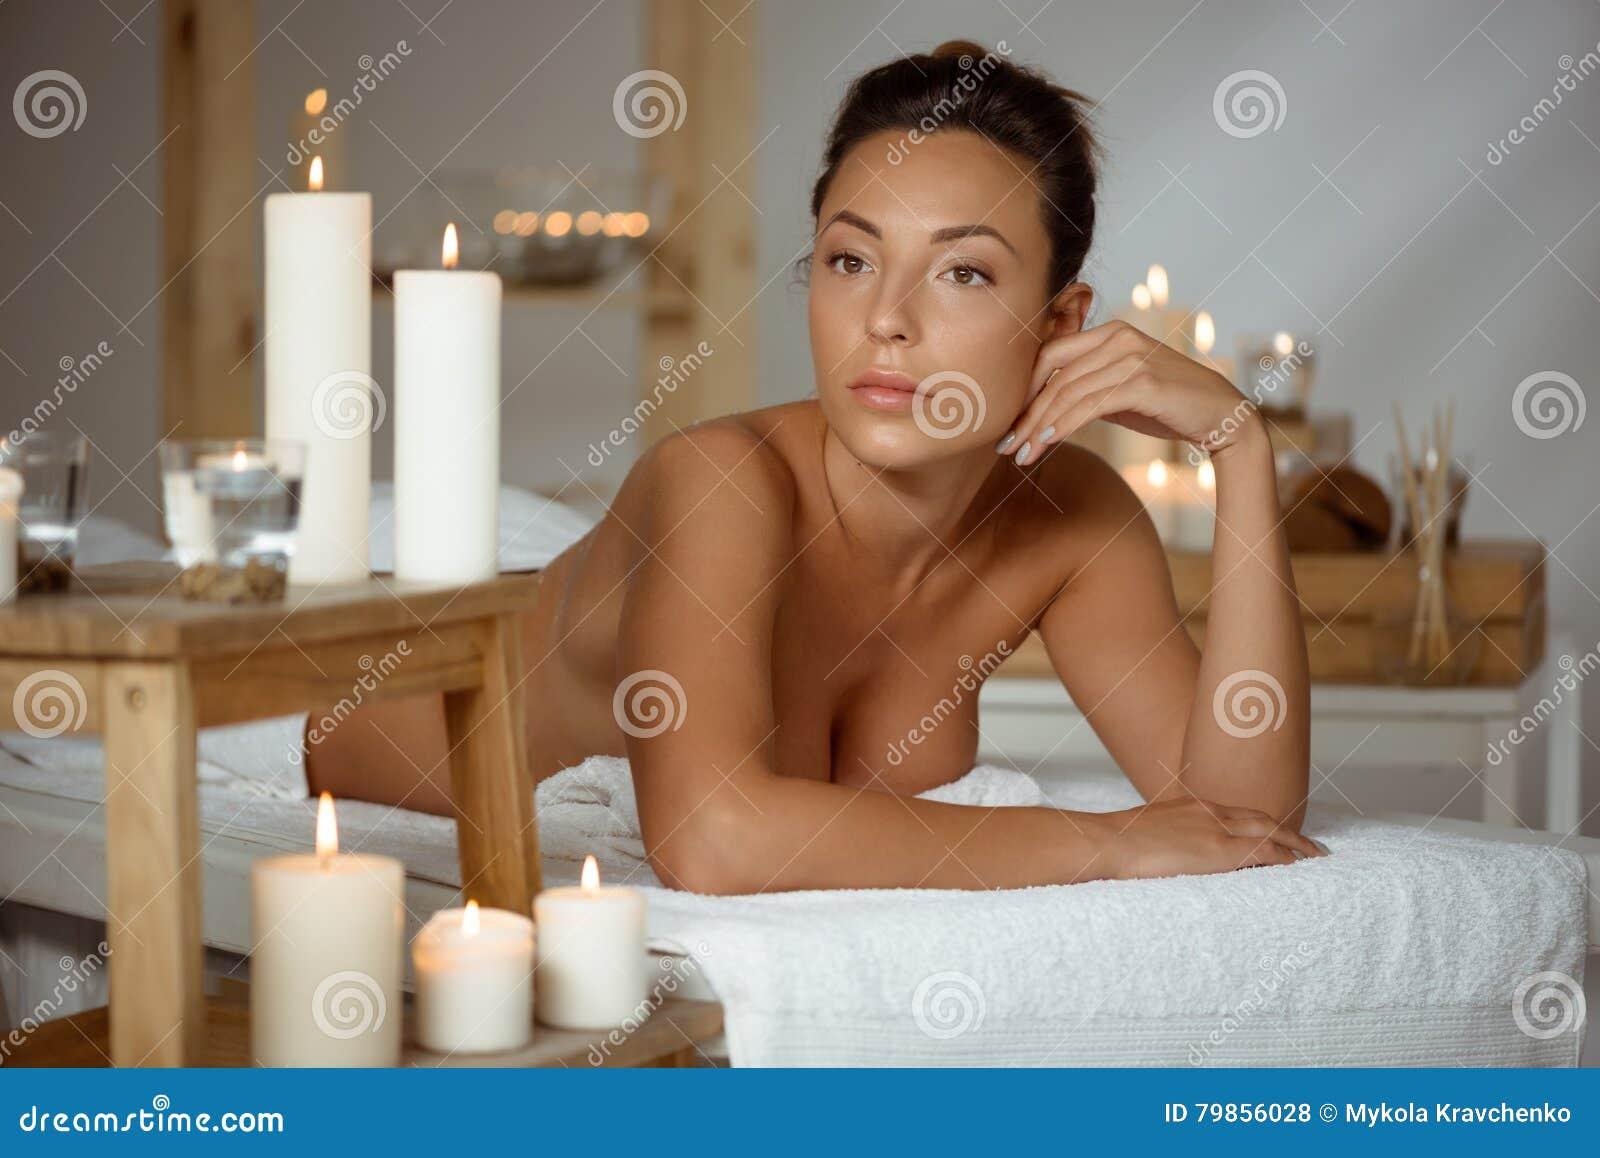 Girl naked in spa